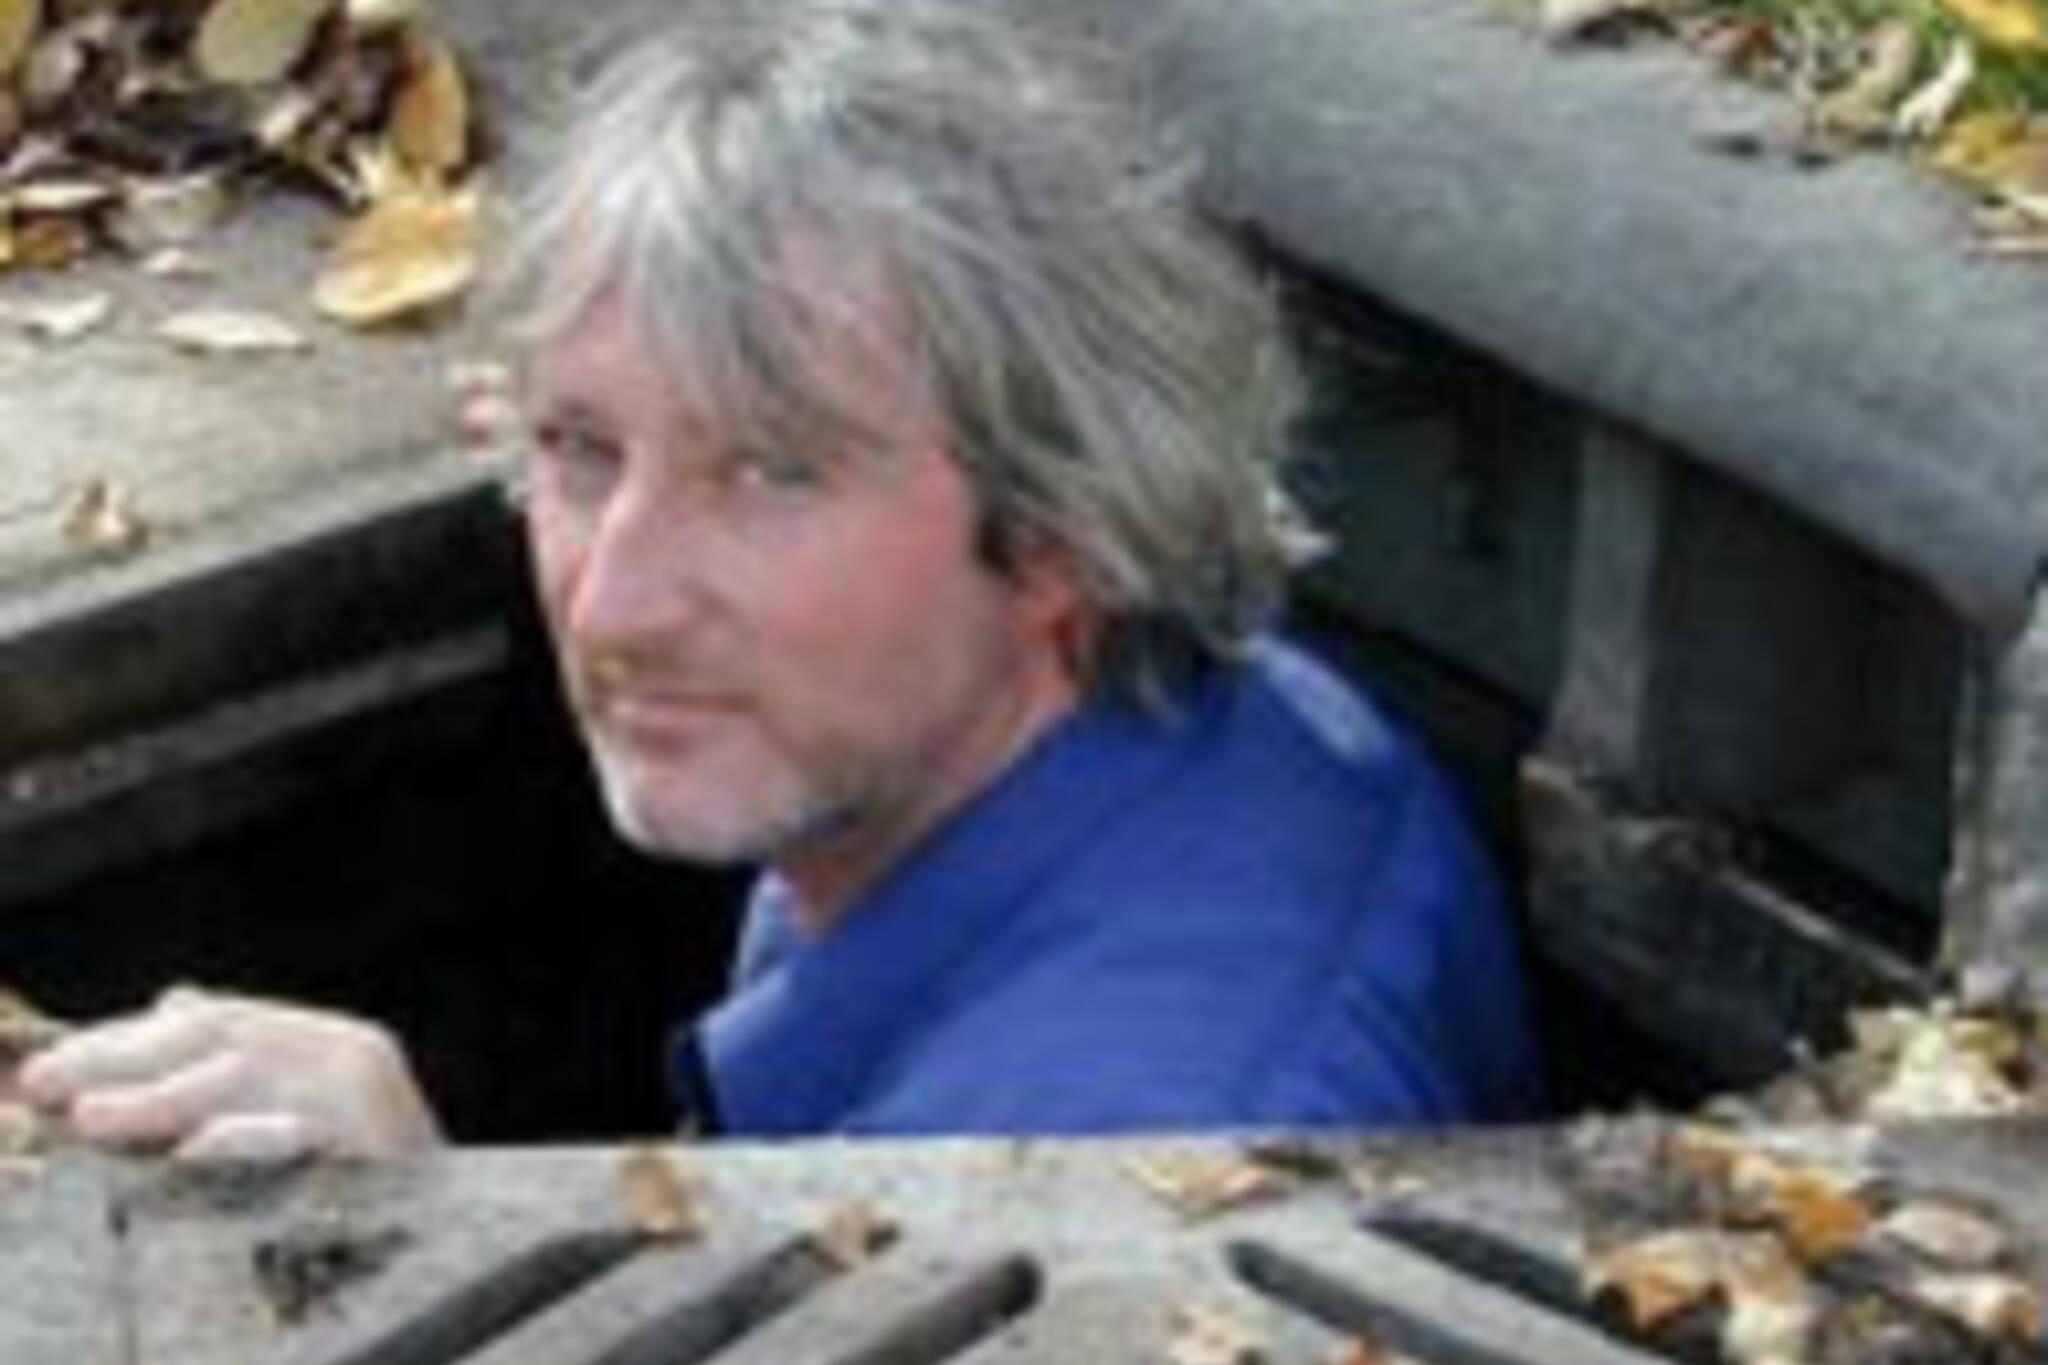 Director Jeff McKay